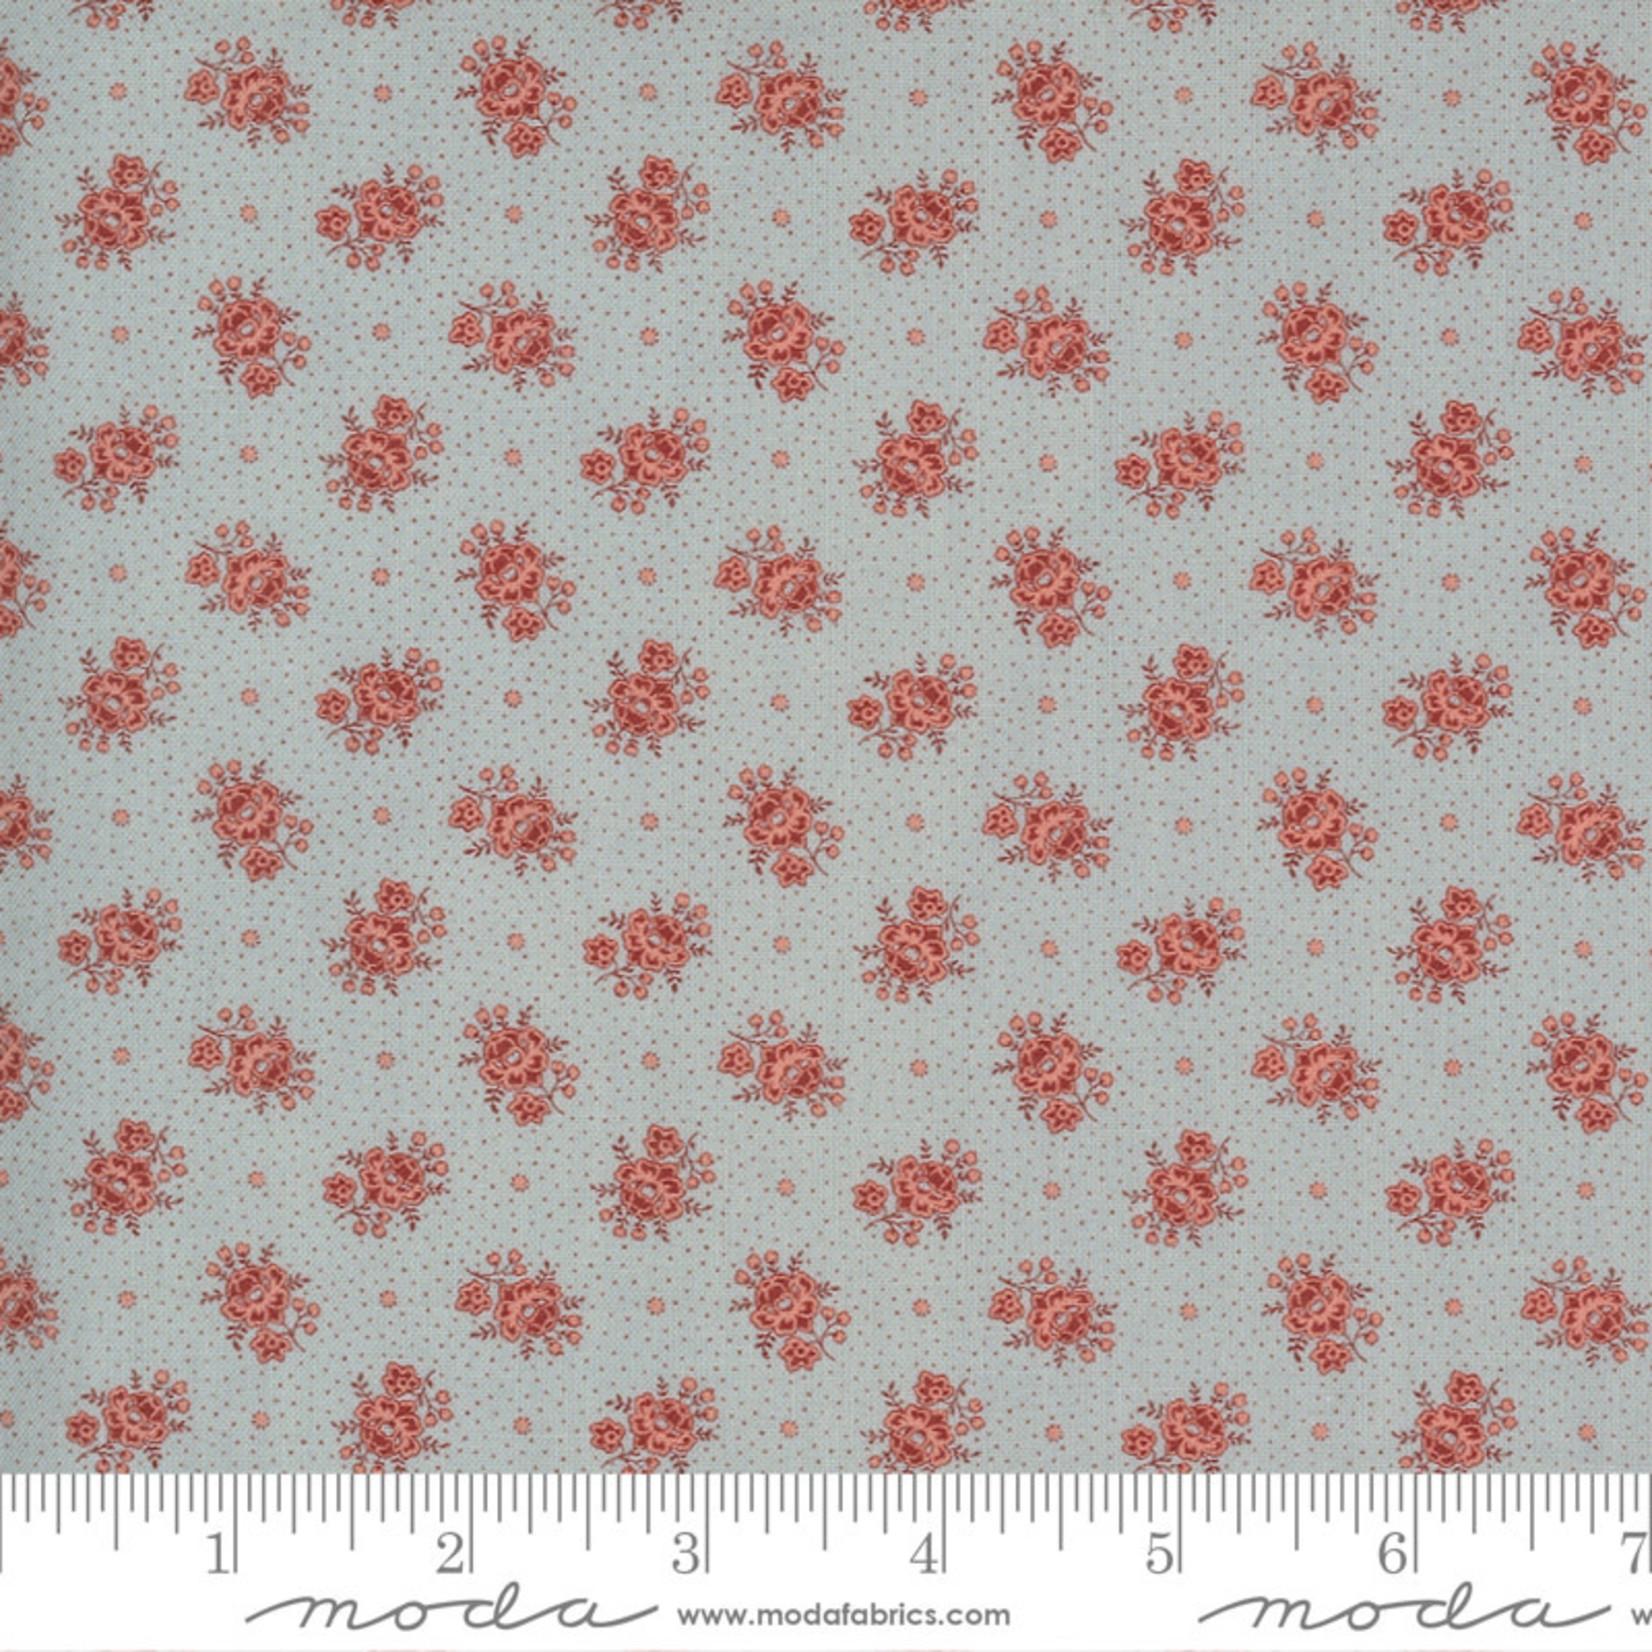 FRENCH GENERAL Jardins De Fleurs, Luxembourg, Ciel Blue 13896-16 $0.20 per cm or $20/m